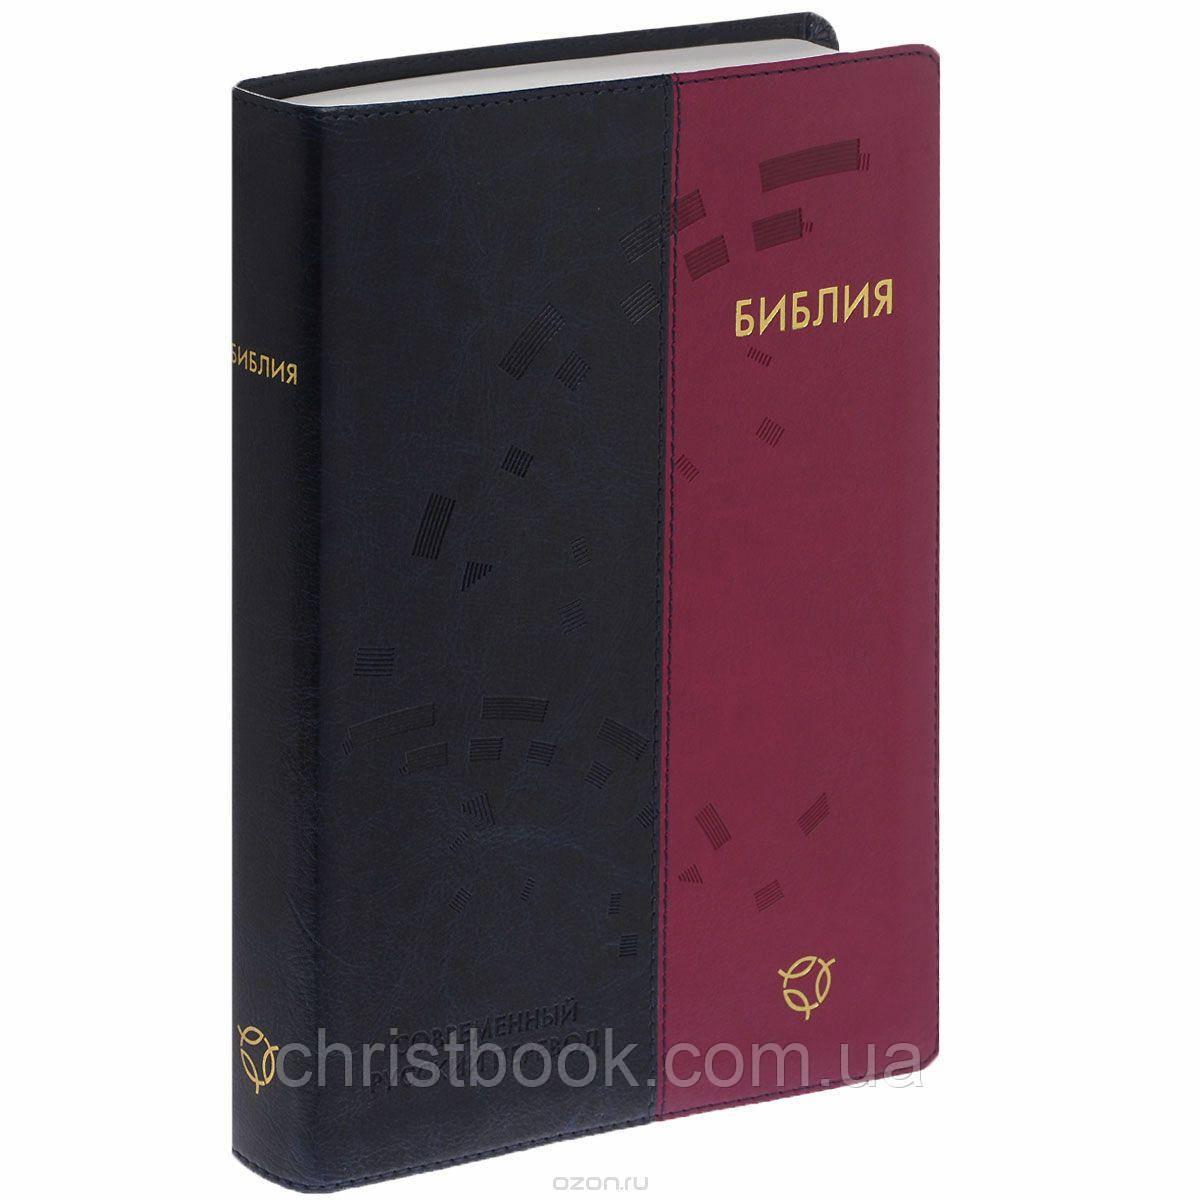 Біблія. Сучасний російський переклад